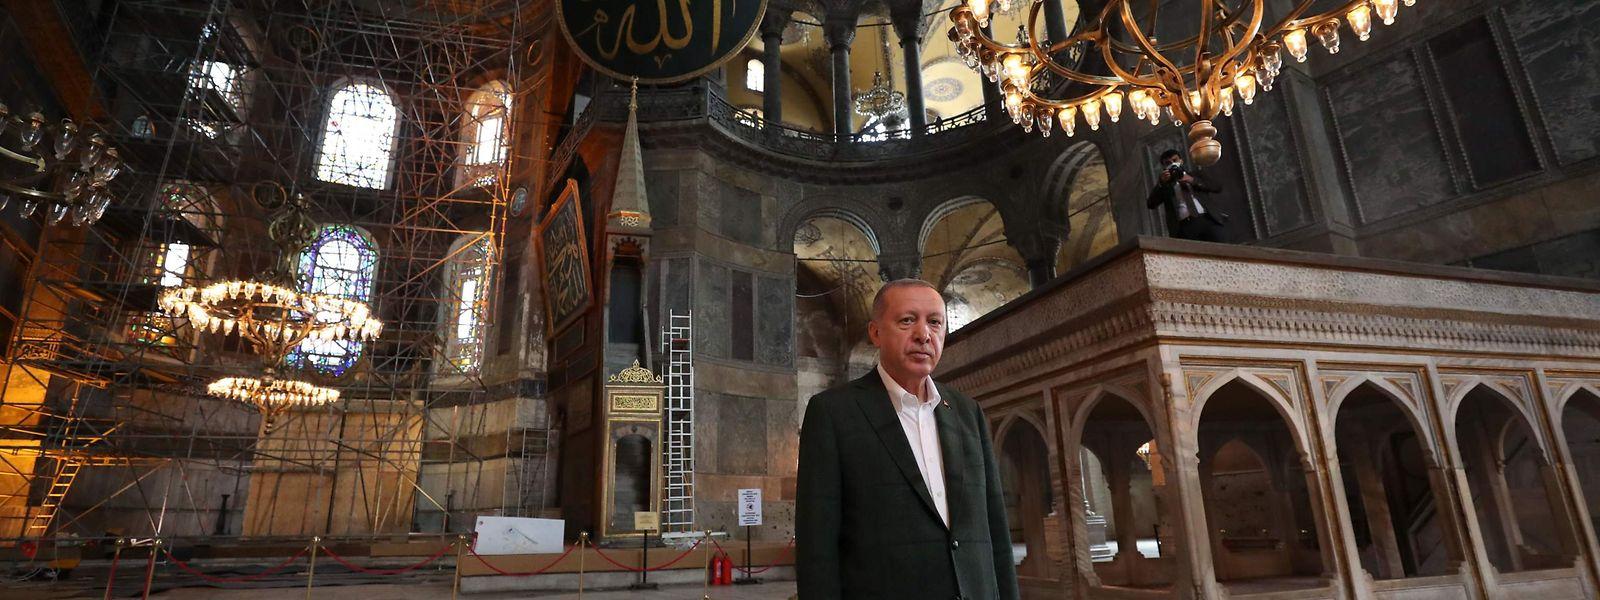 Le président turc Erdogan dans l'enceinte de Hagia Sofia.